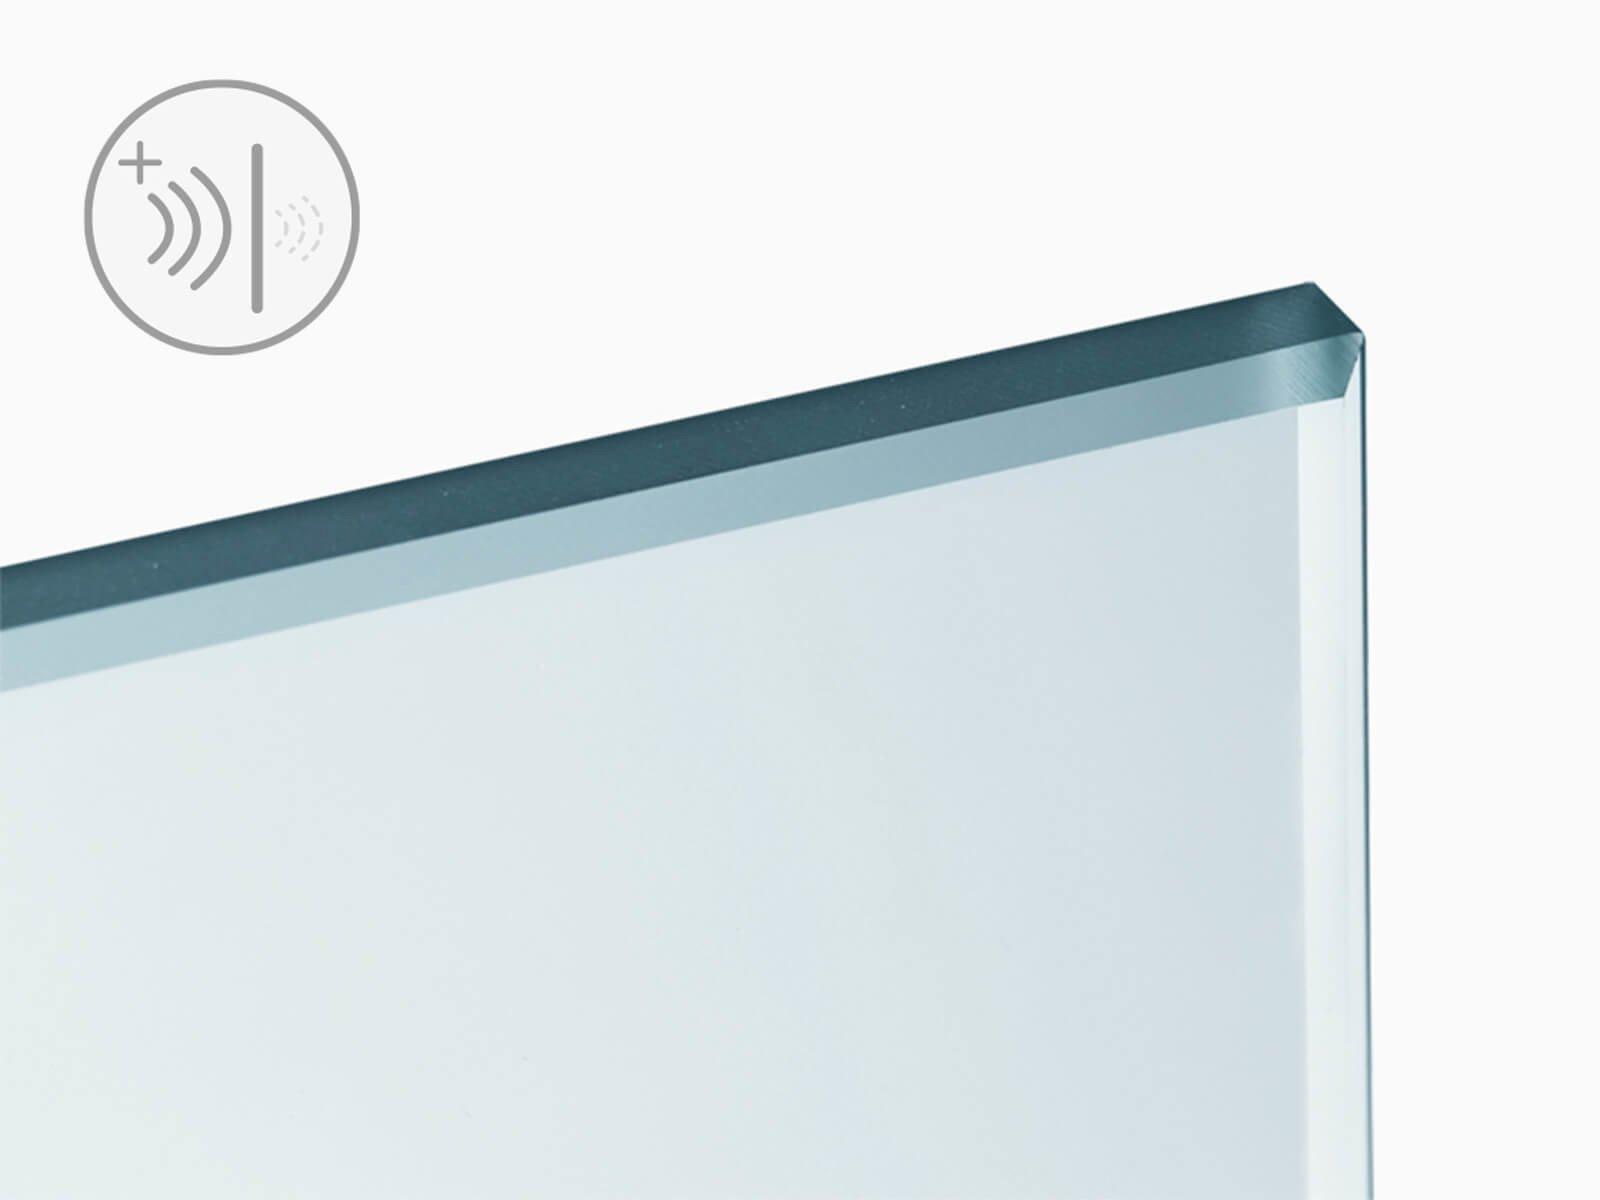 Illustration-ESG-Glas-mit-Schallschutzsymbol